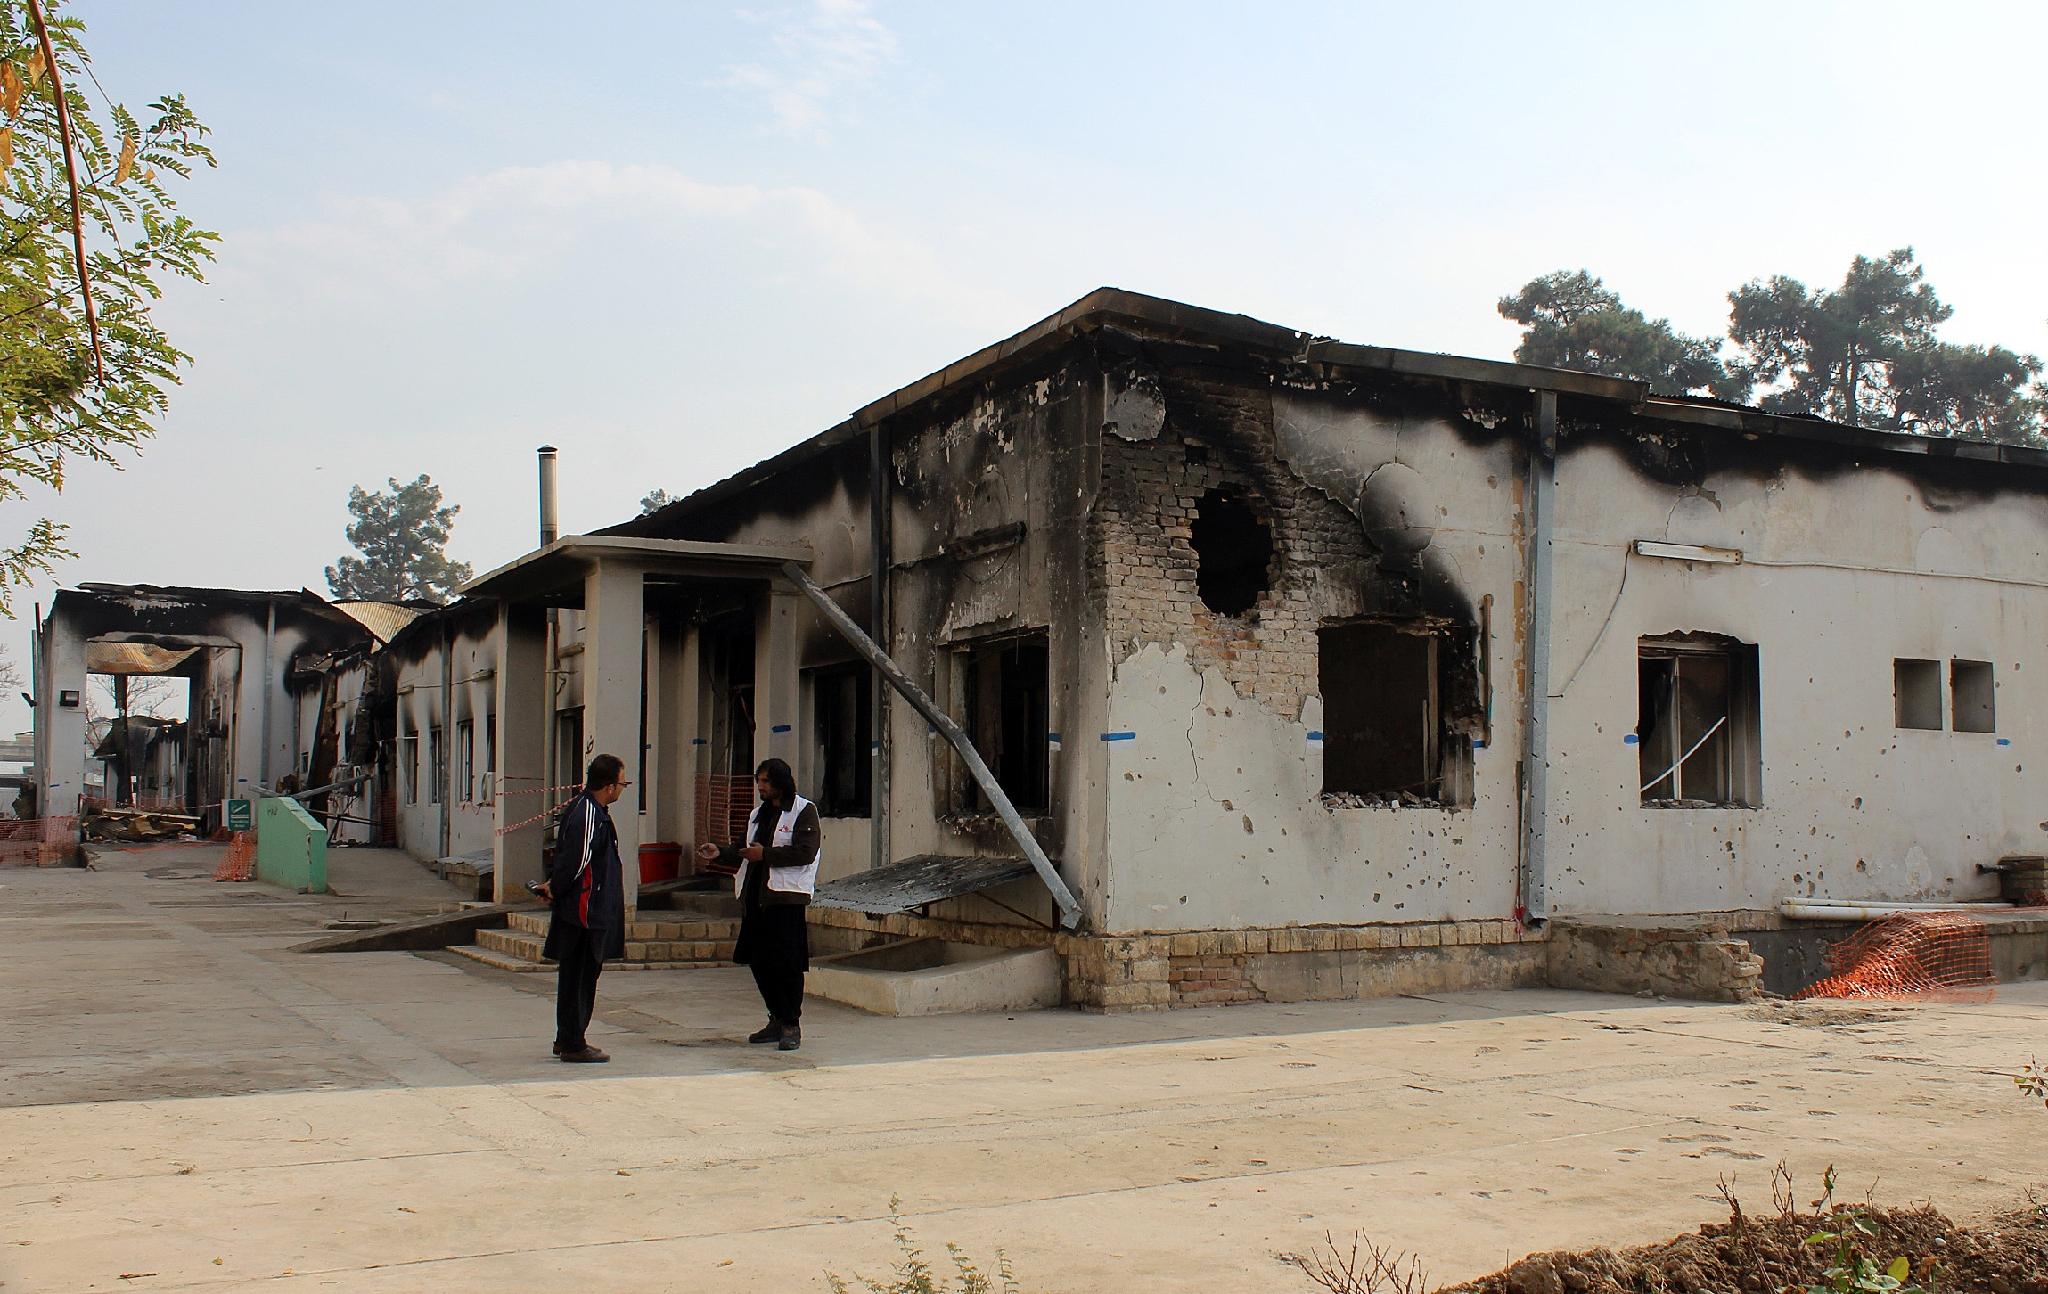 Des membres MSF devant leur hopital endommage ardement americain Kunduz 10 novembre 2015 0